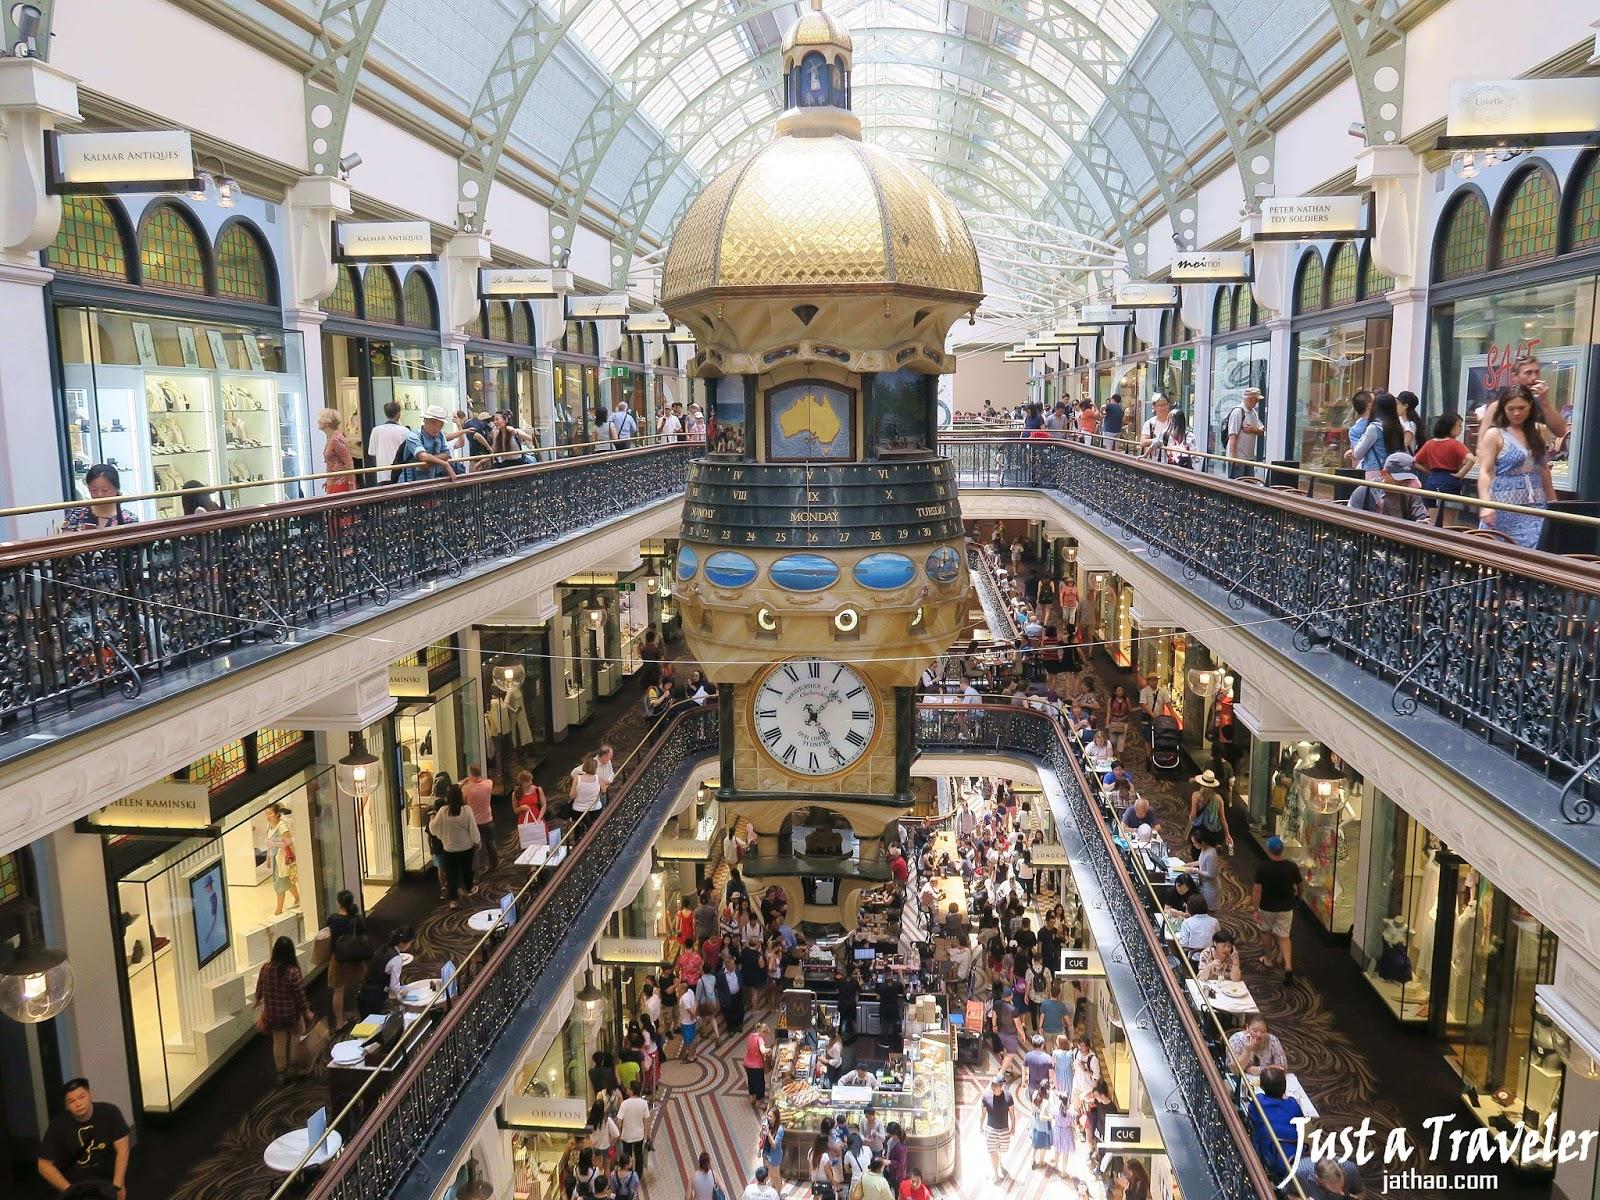 雪梨-景點-推薦-維多利亞女王大廈-旅遊-自由行-澳洲-Sydney-Queen-Victoria-Building-Travel-Australia